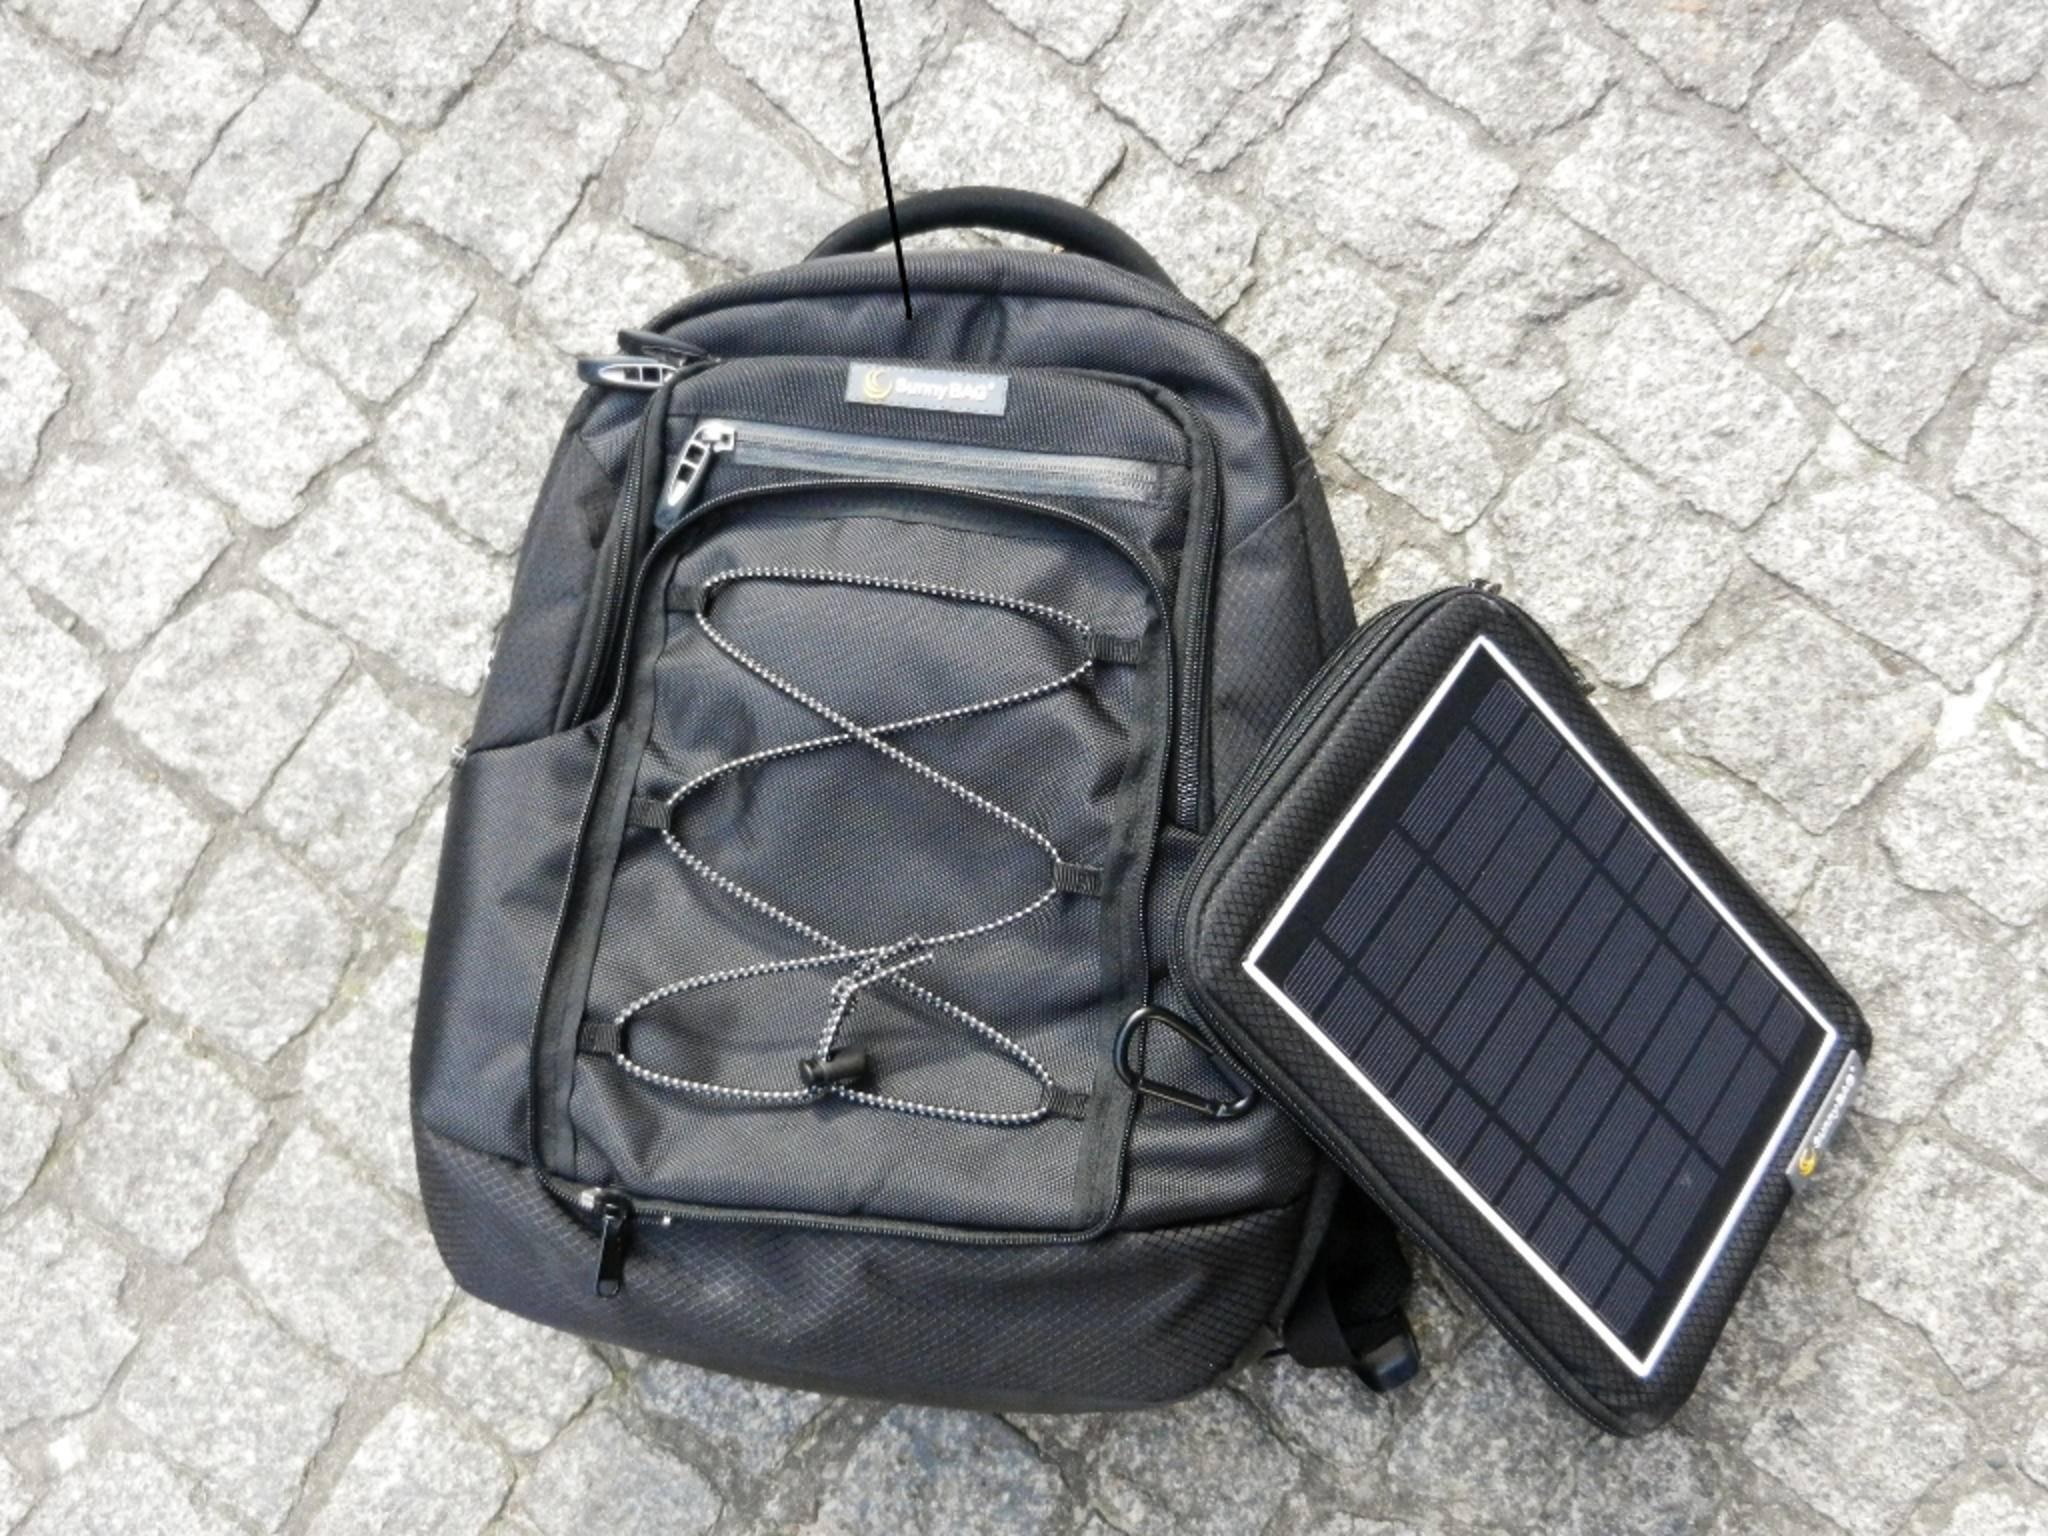 Der Explorer 2 ist ein Rucksack mit einen Solarkollektor.